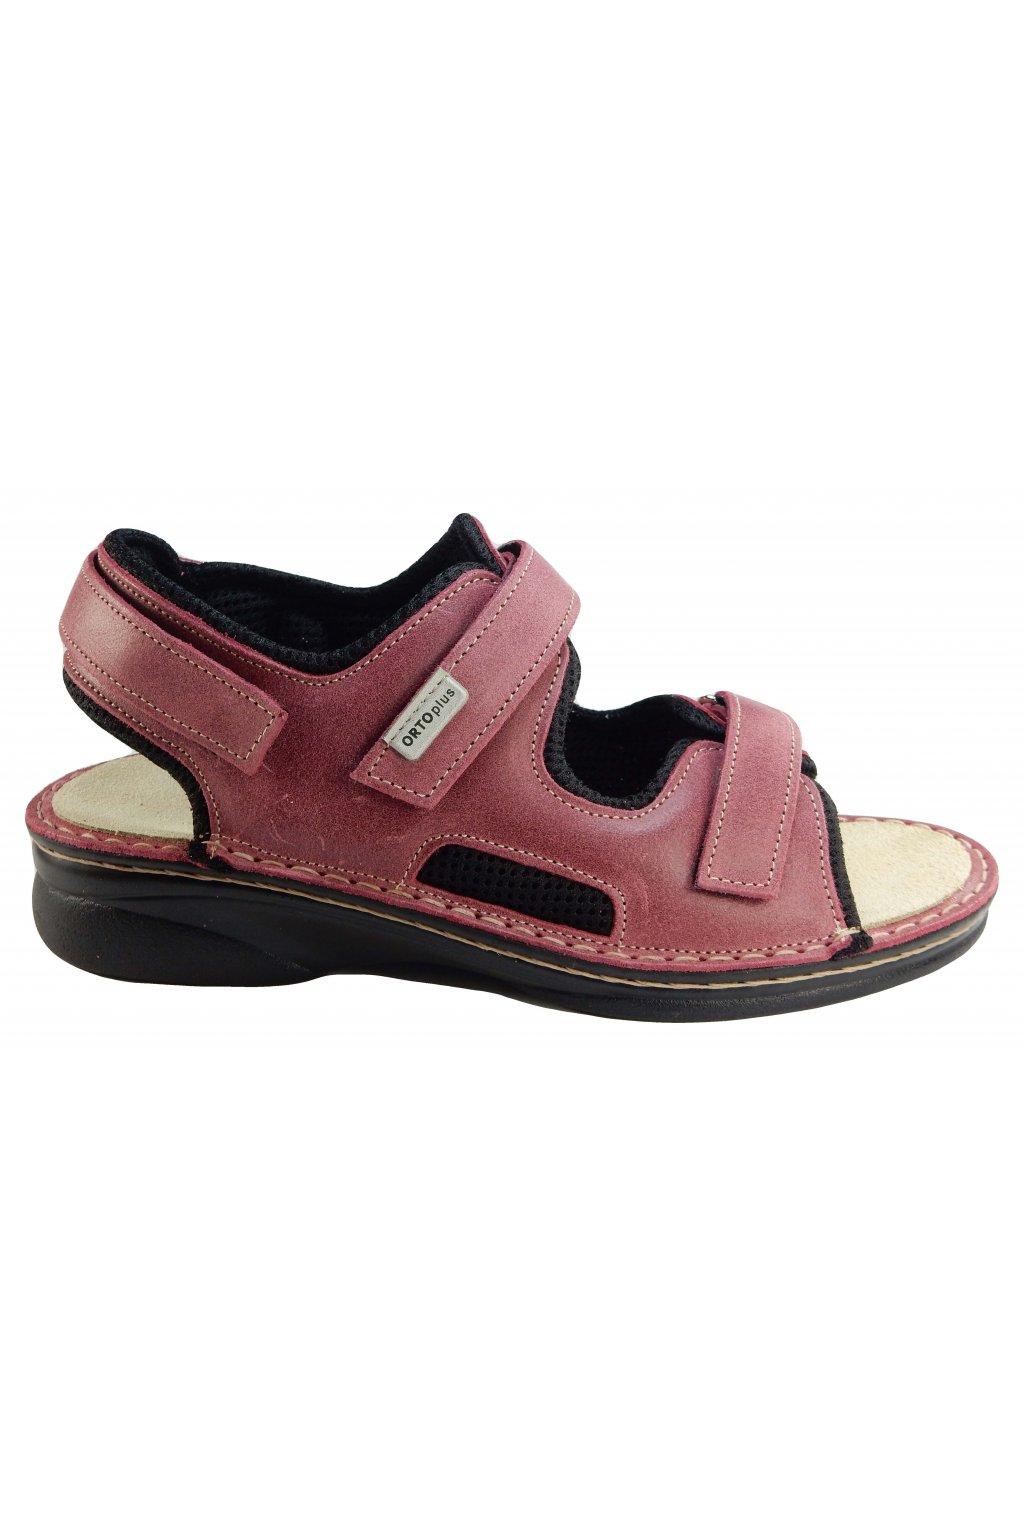 Dámské vycházkové zdravotní sandály ORTO PLUS 1627 M